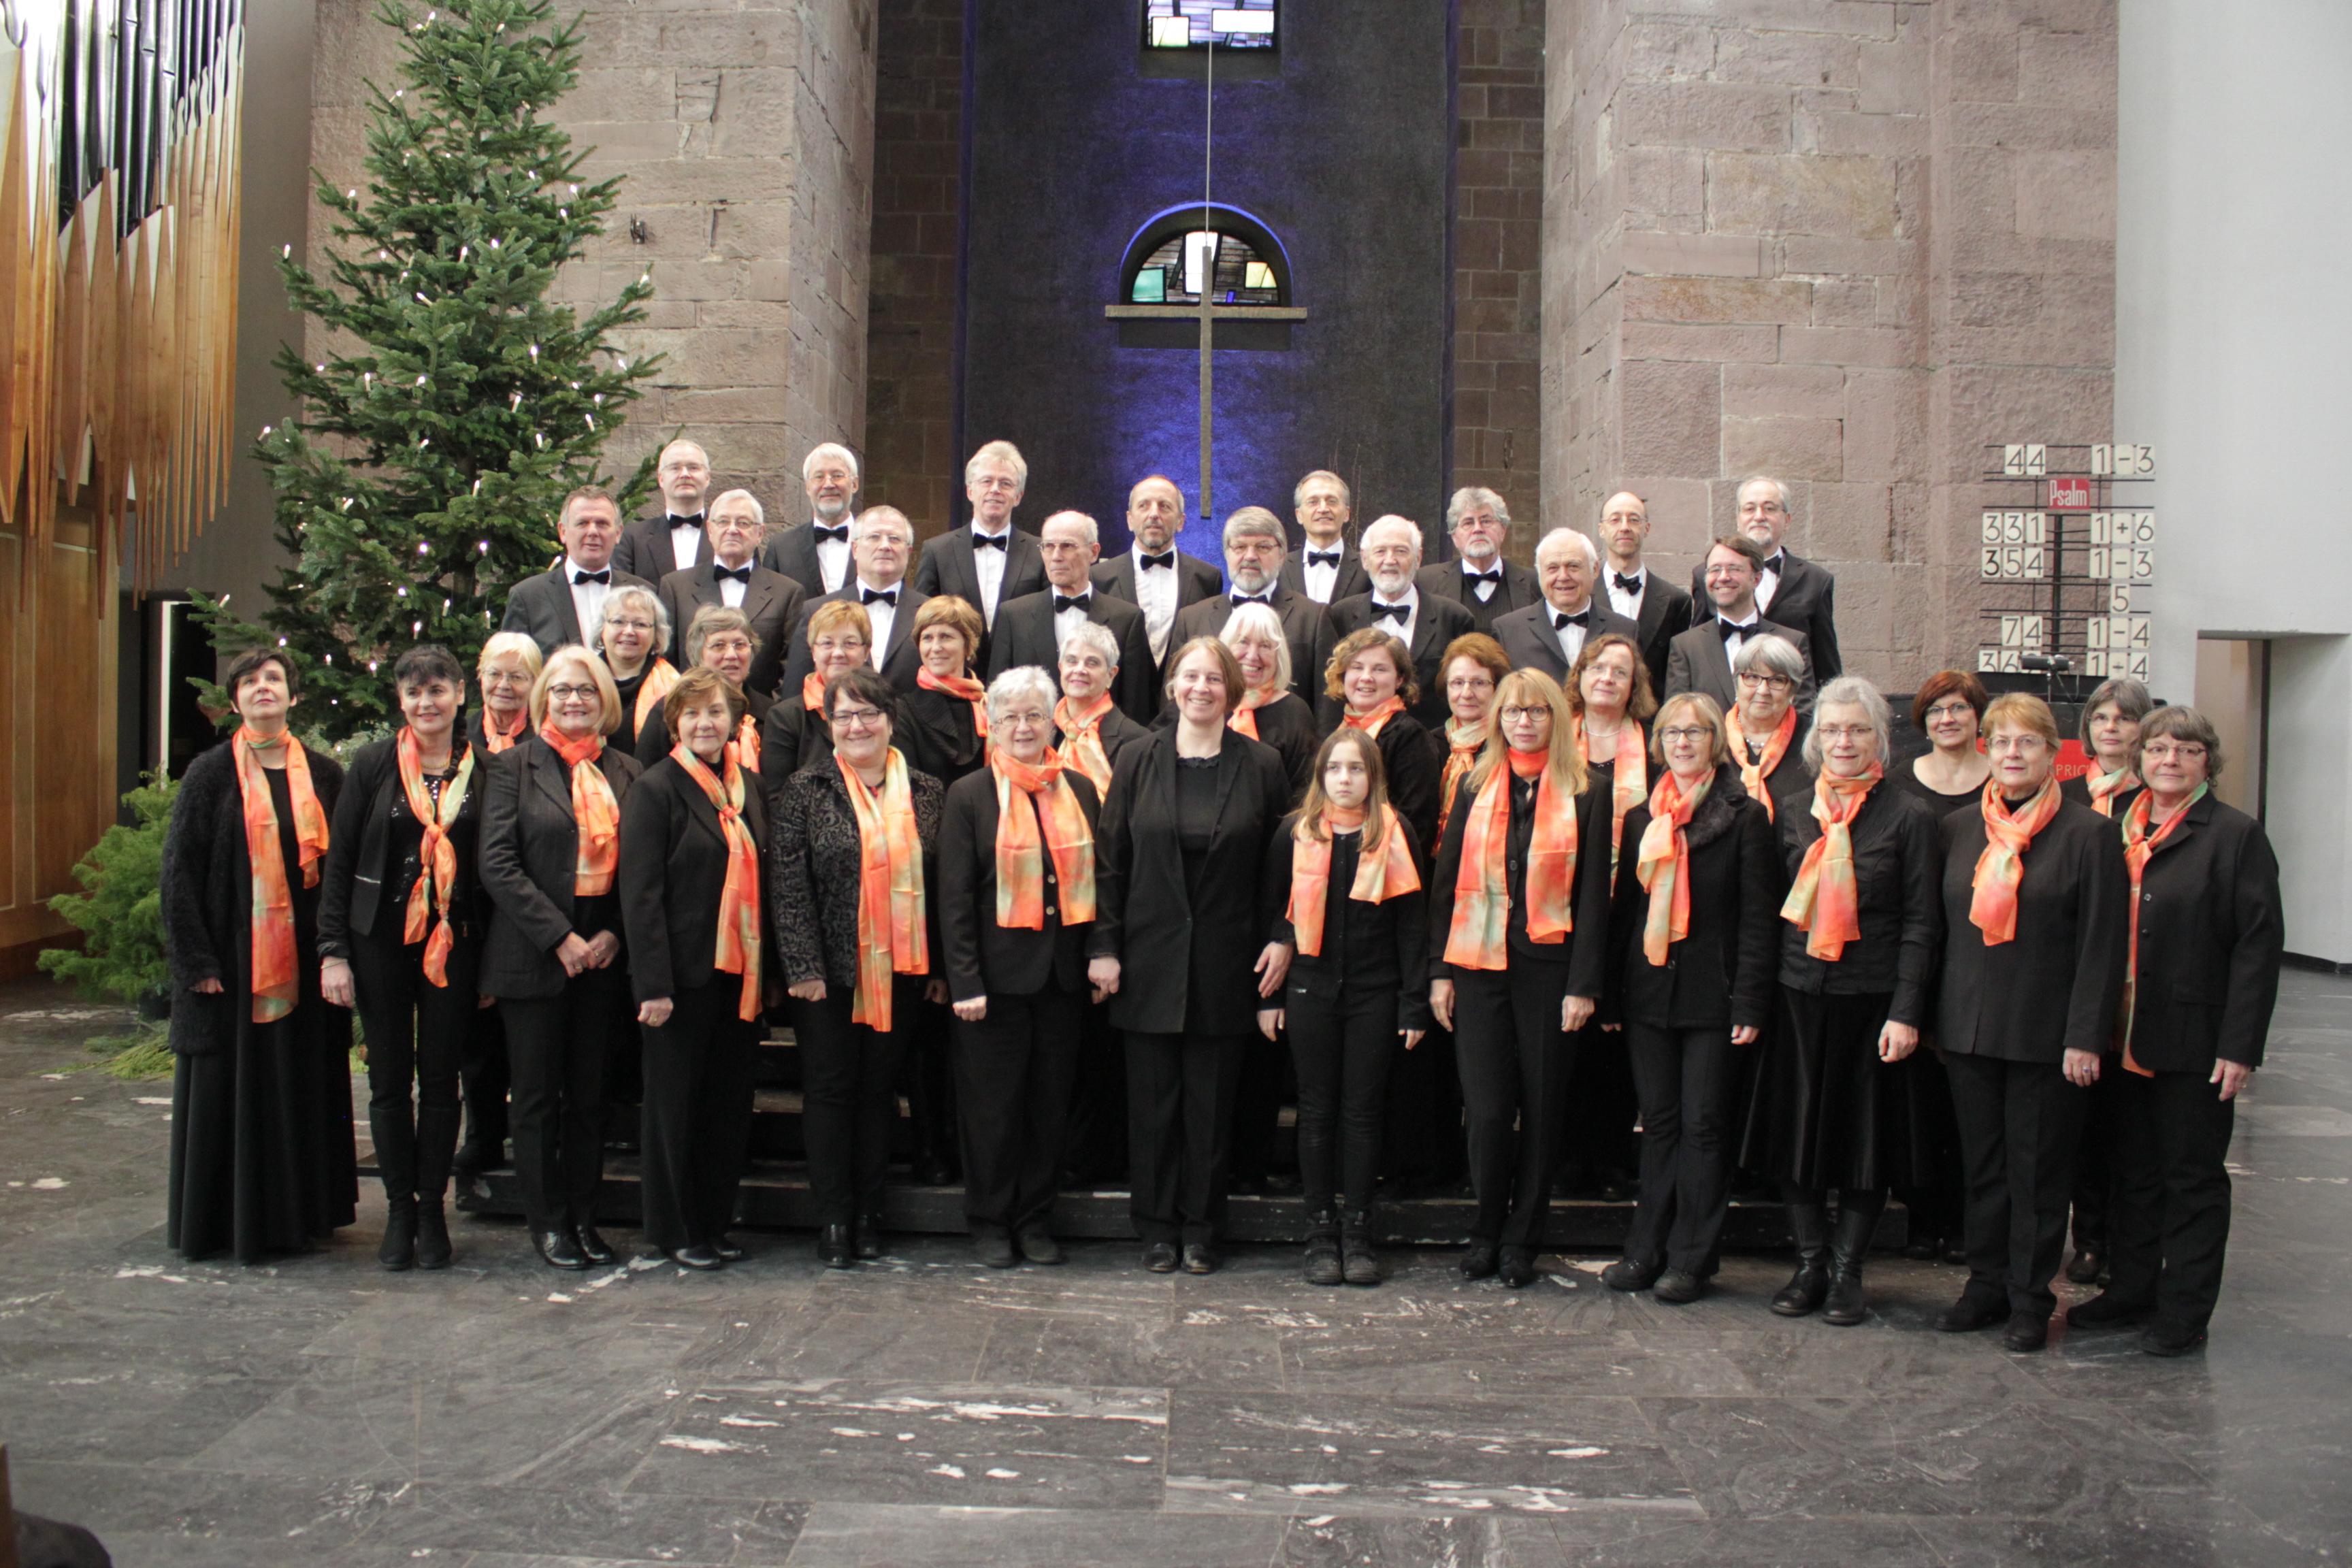 Musica Barcensis